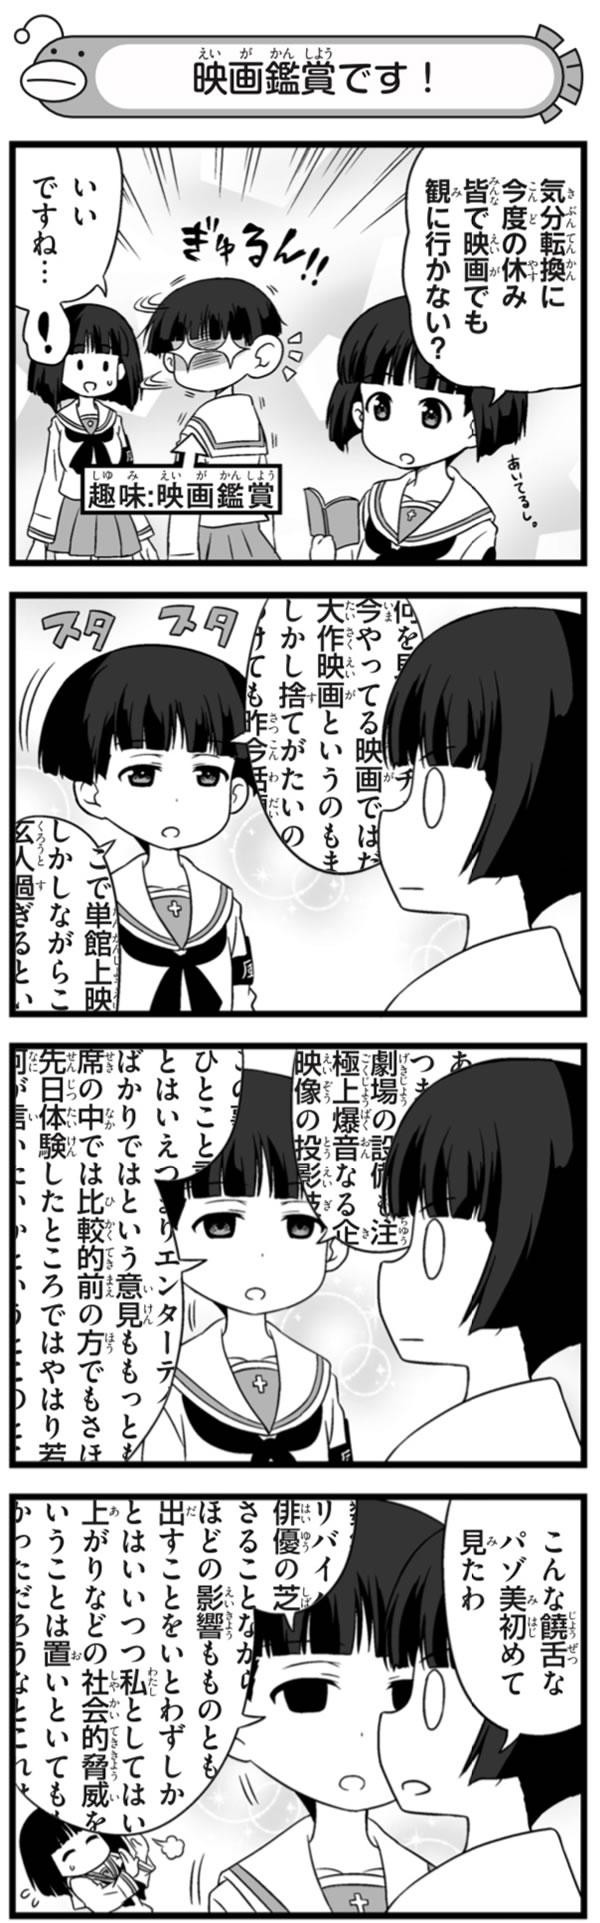 ガールズ&パンツァー 金春希美 パゾ美 映画鑑賞 01